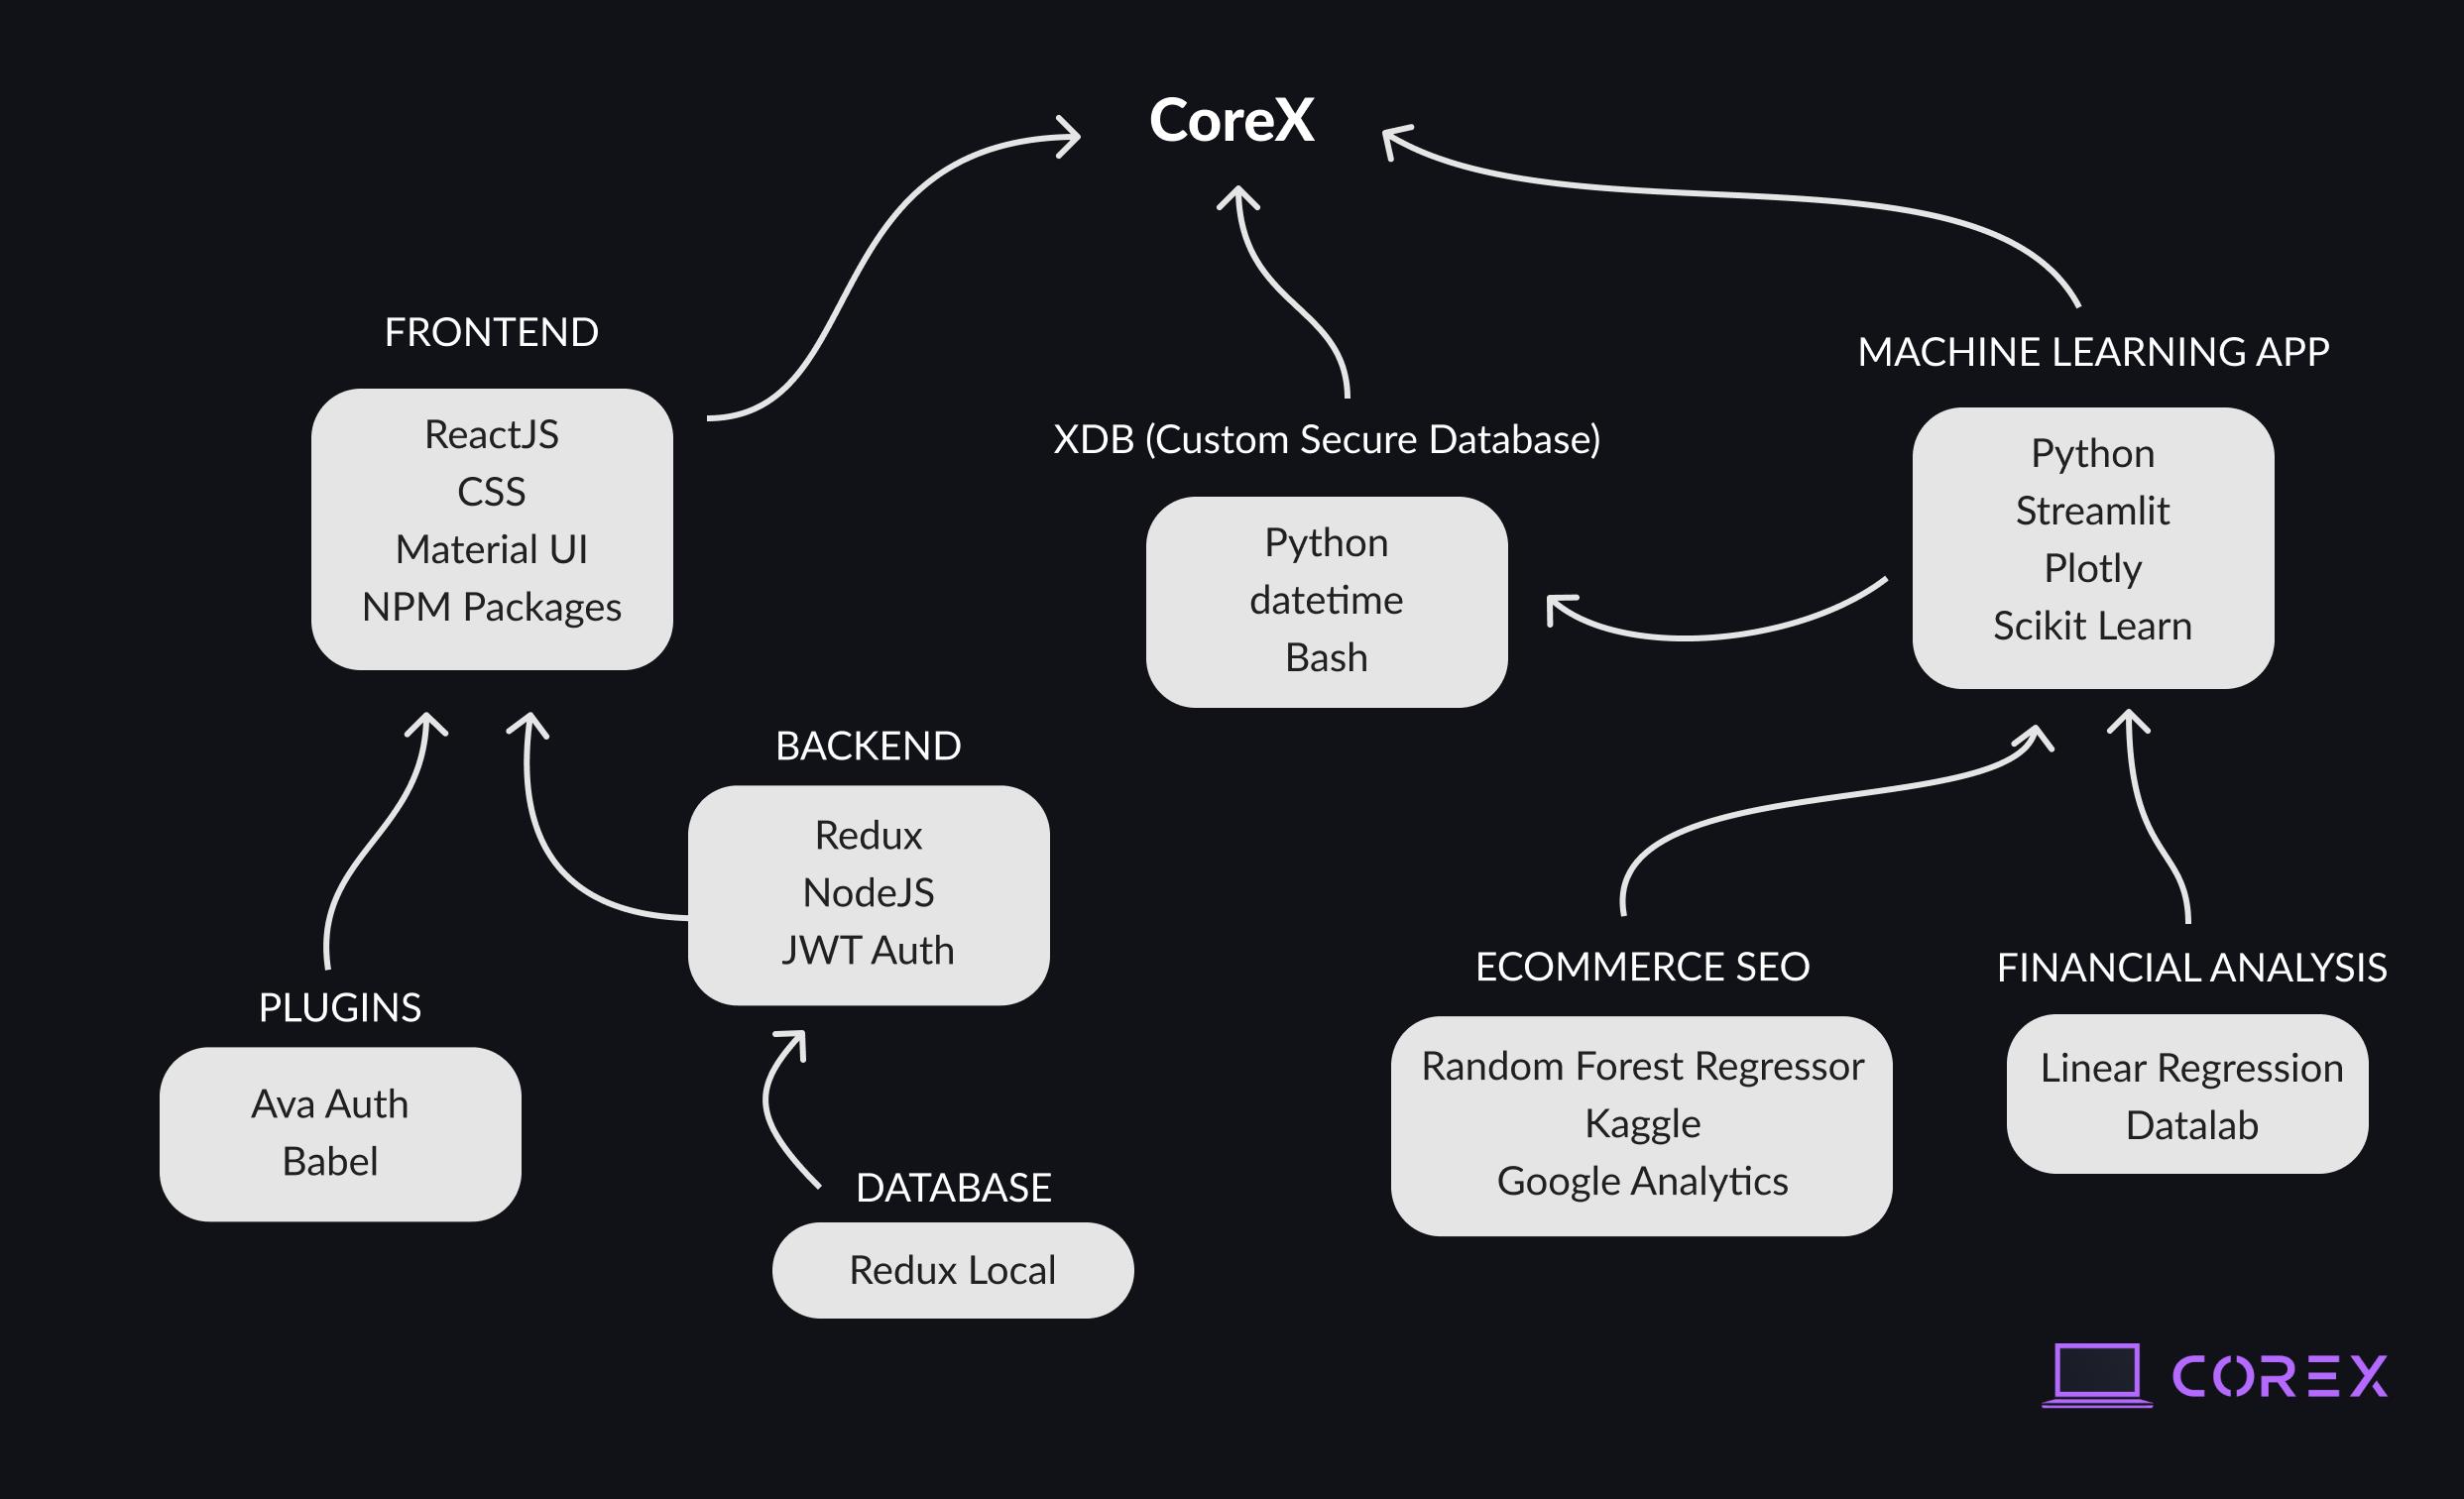 https://cloud-izmlo2nxa-hack-club-bot.vercel.app/0frame_1__3_.png